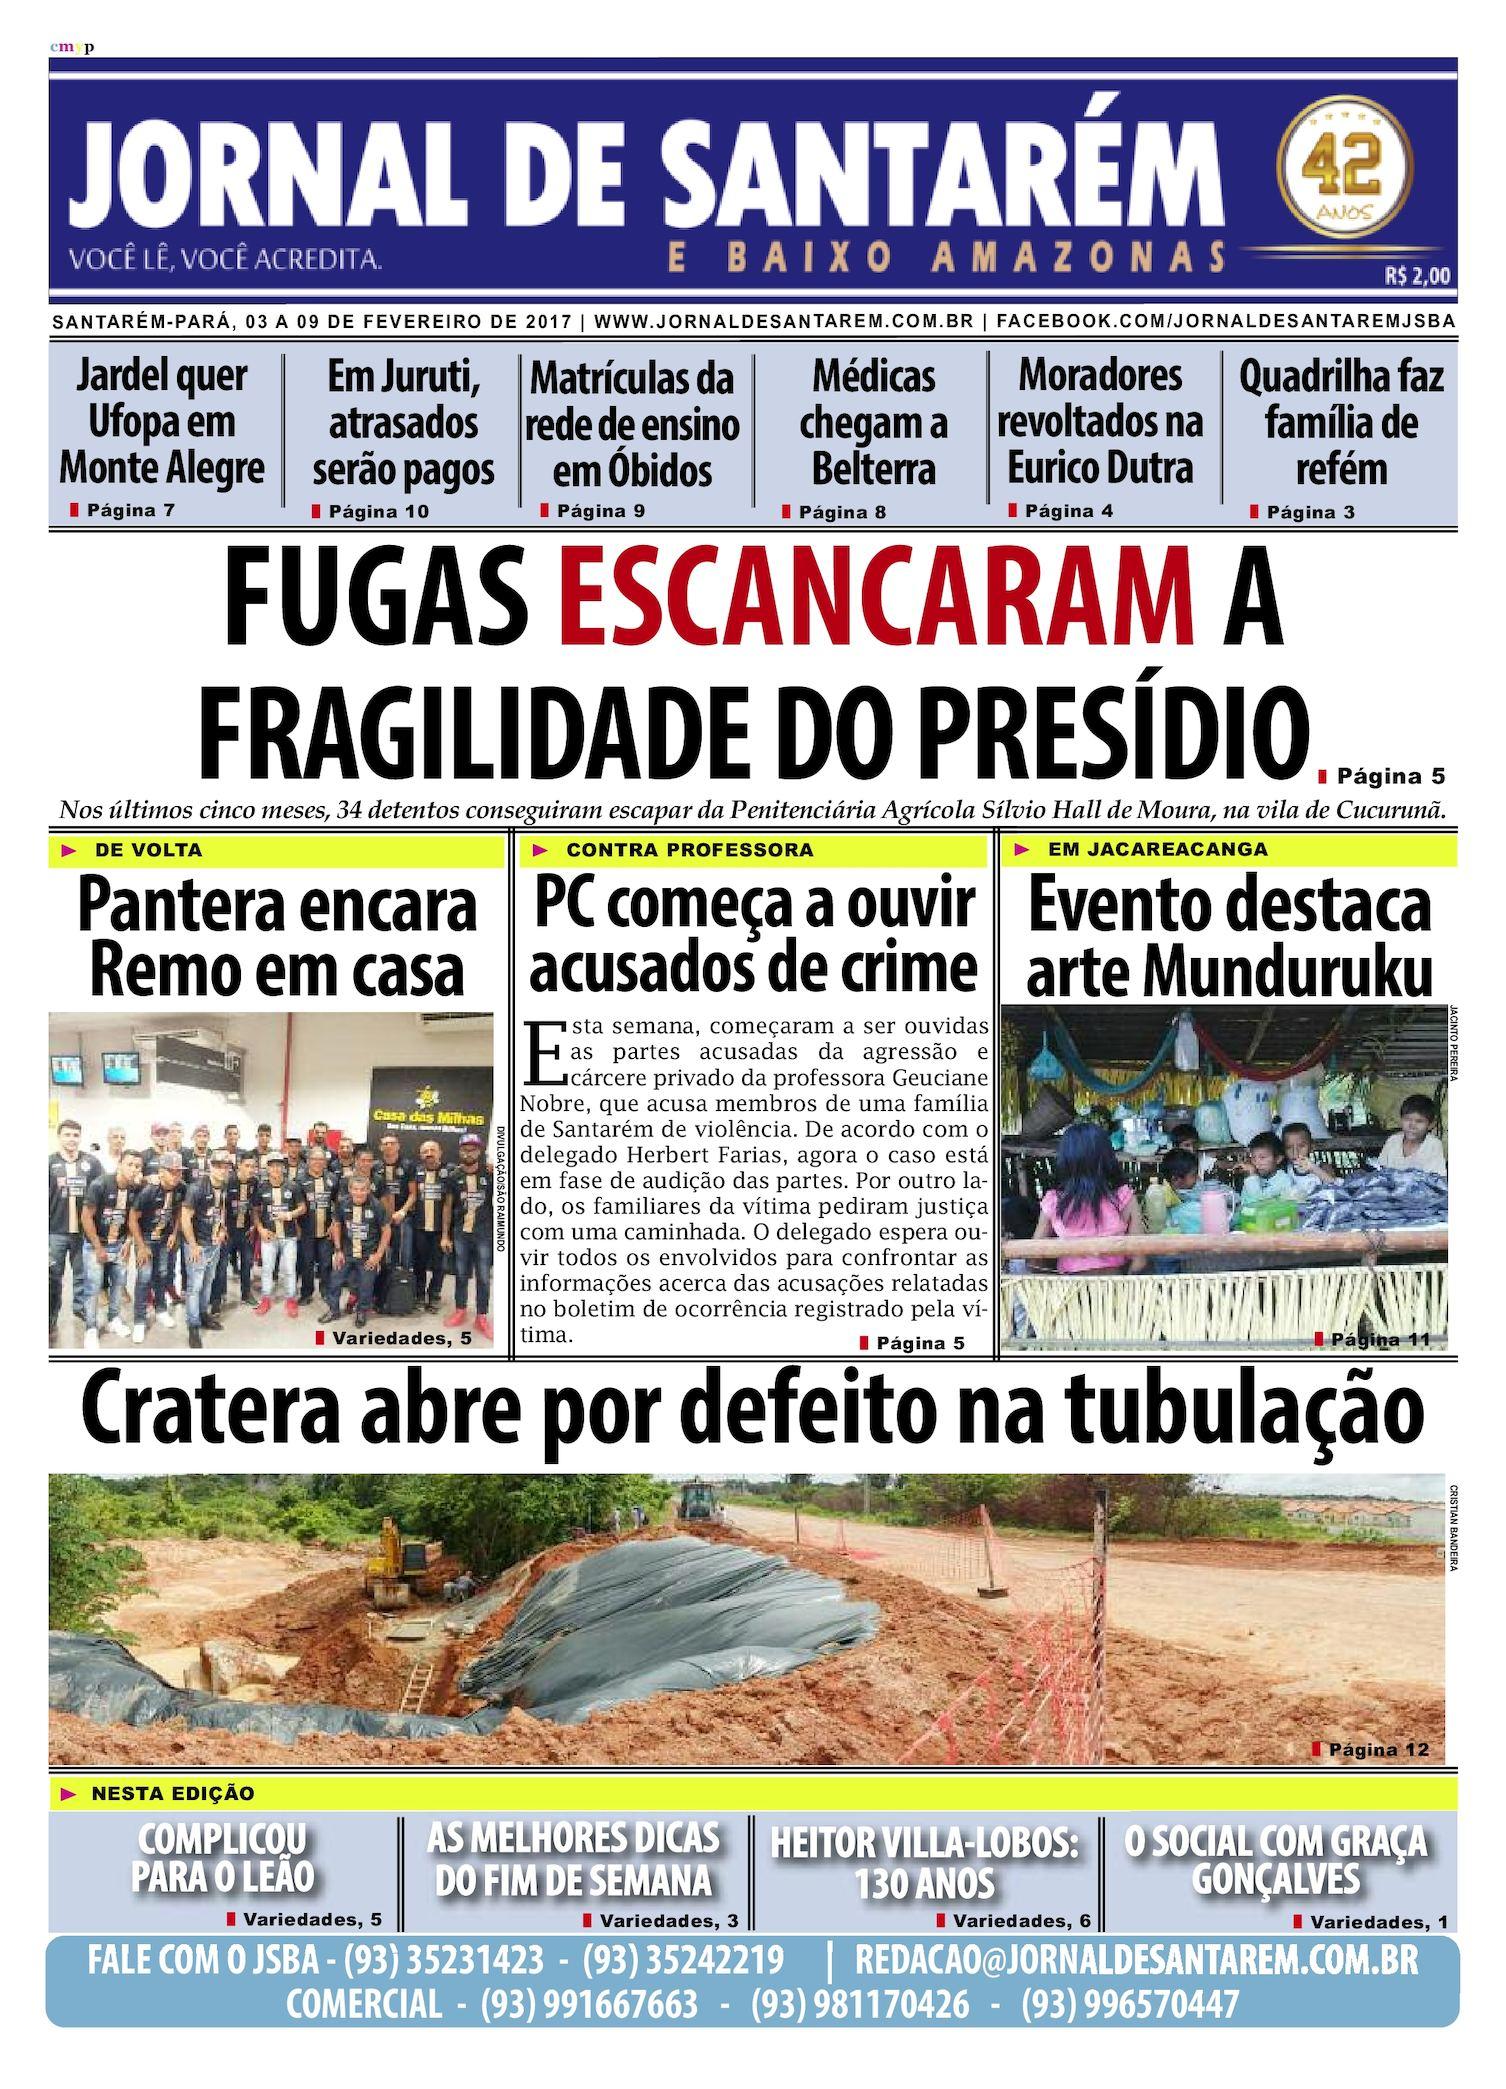 e89c16a276 Calaméo - JORNAL DE SANTARÉM E BAIXO AMAZONAS EDIÇÃO DE 03 A 09 DE  FEVEREIRO DE 2017